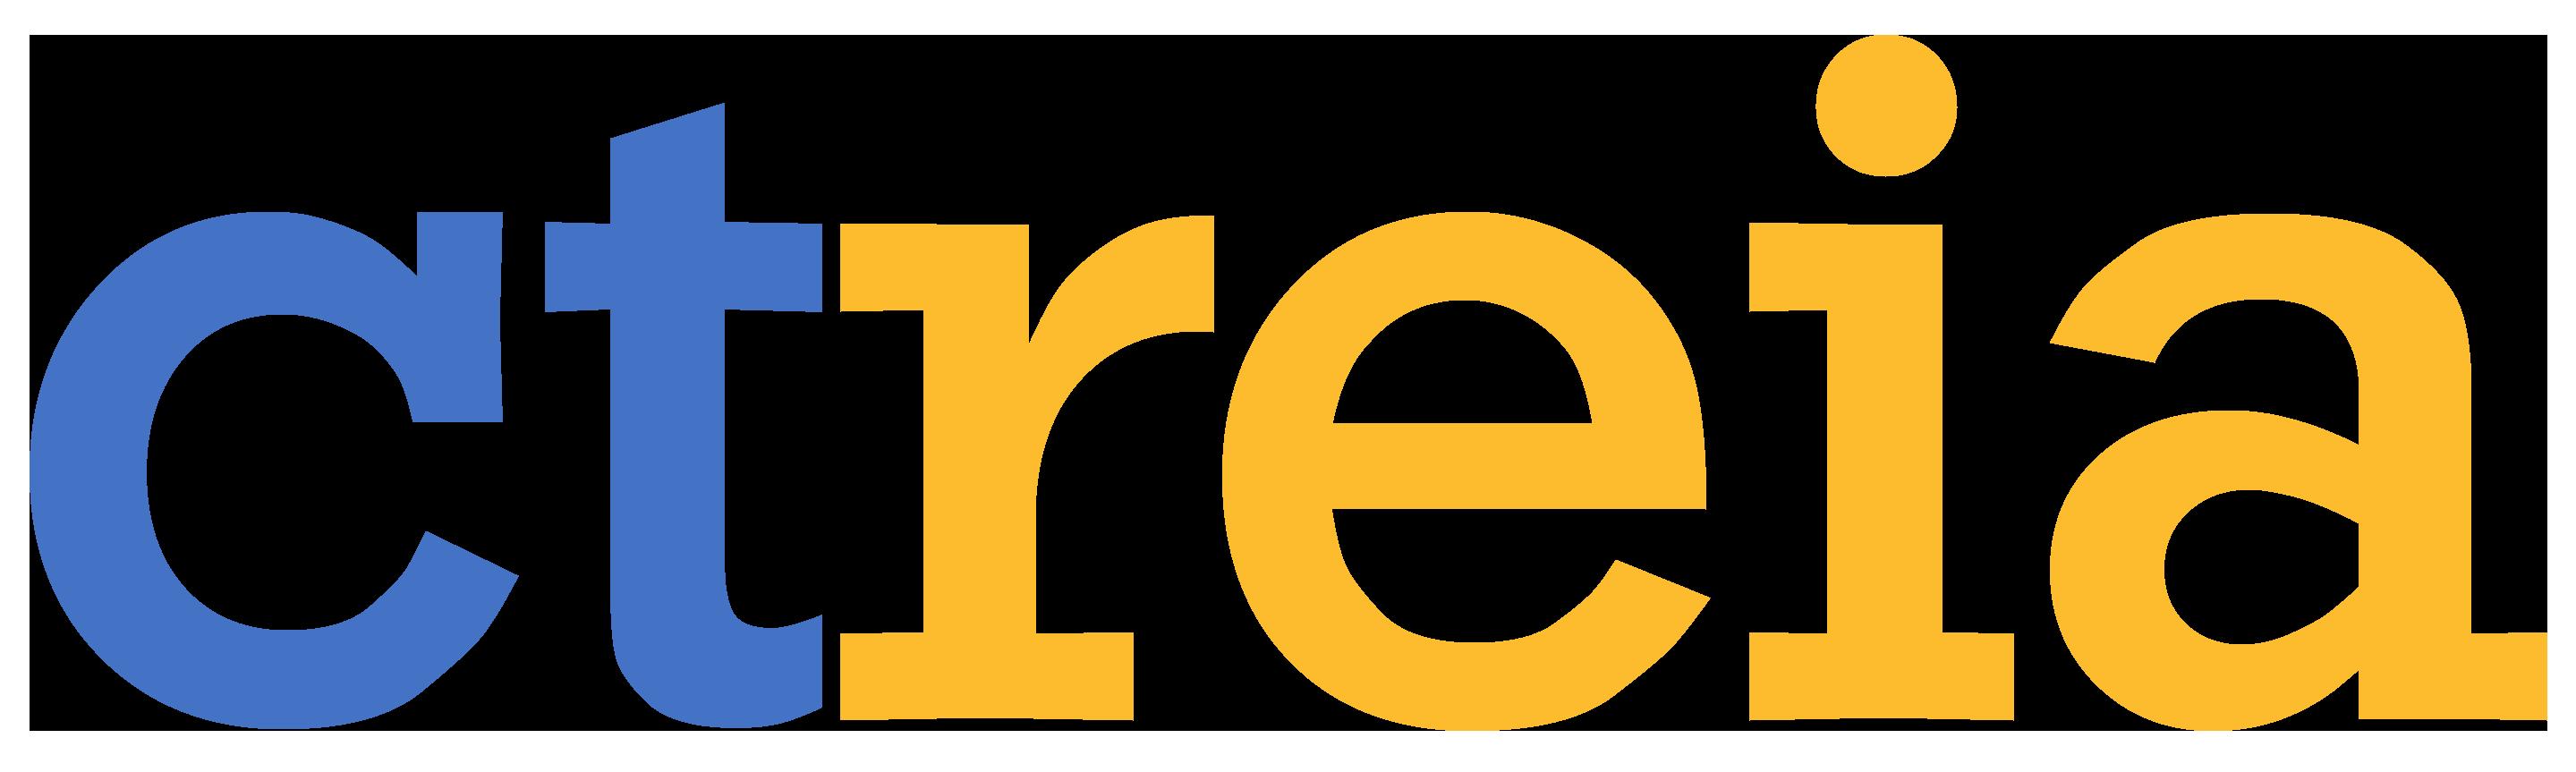 CTREIA Logo